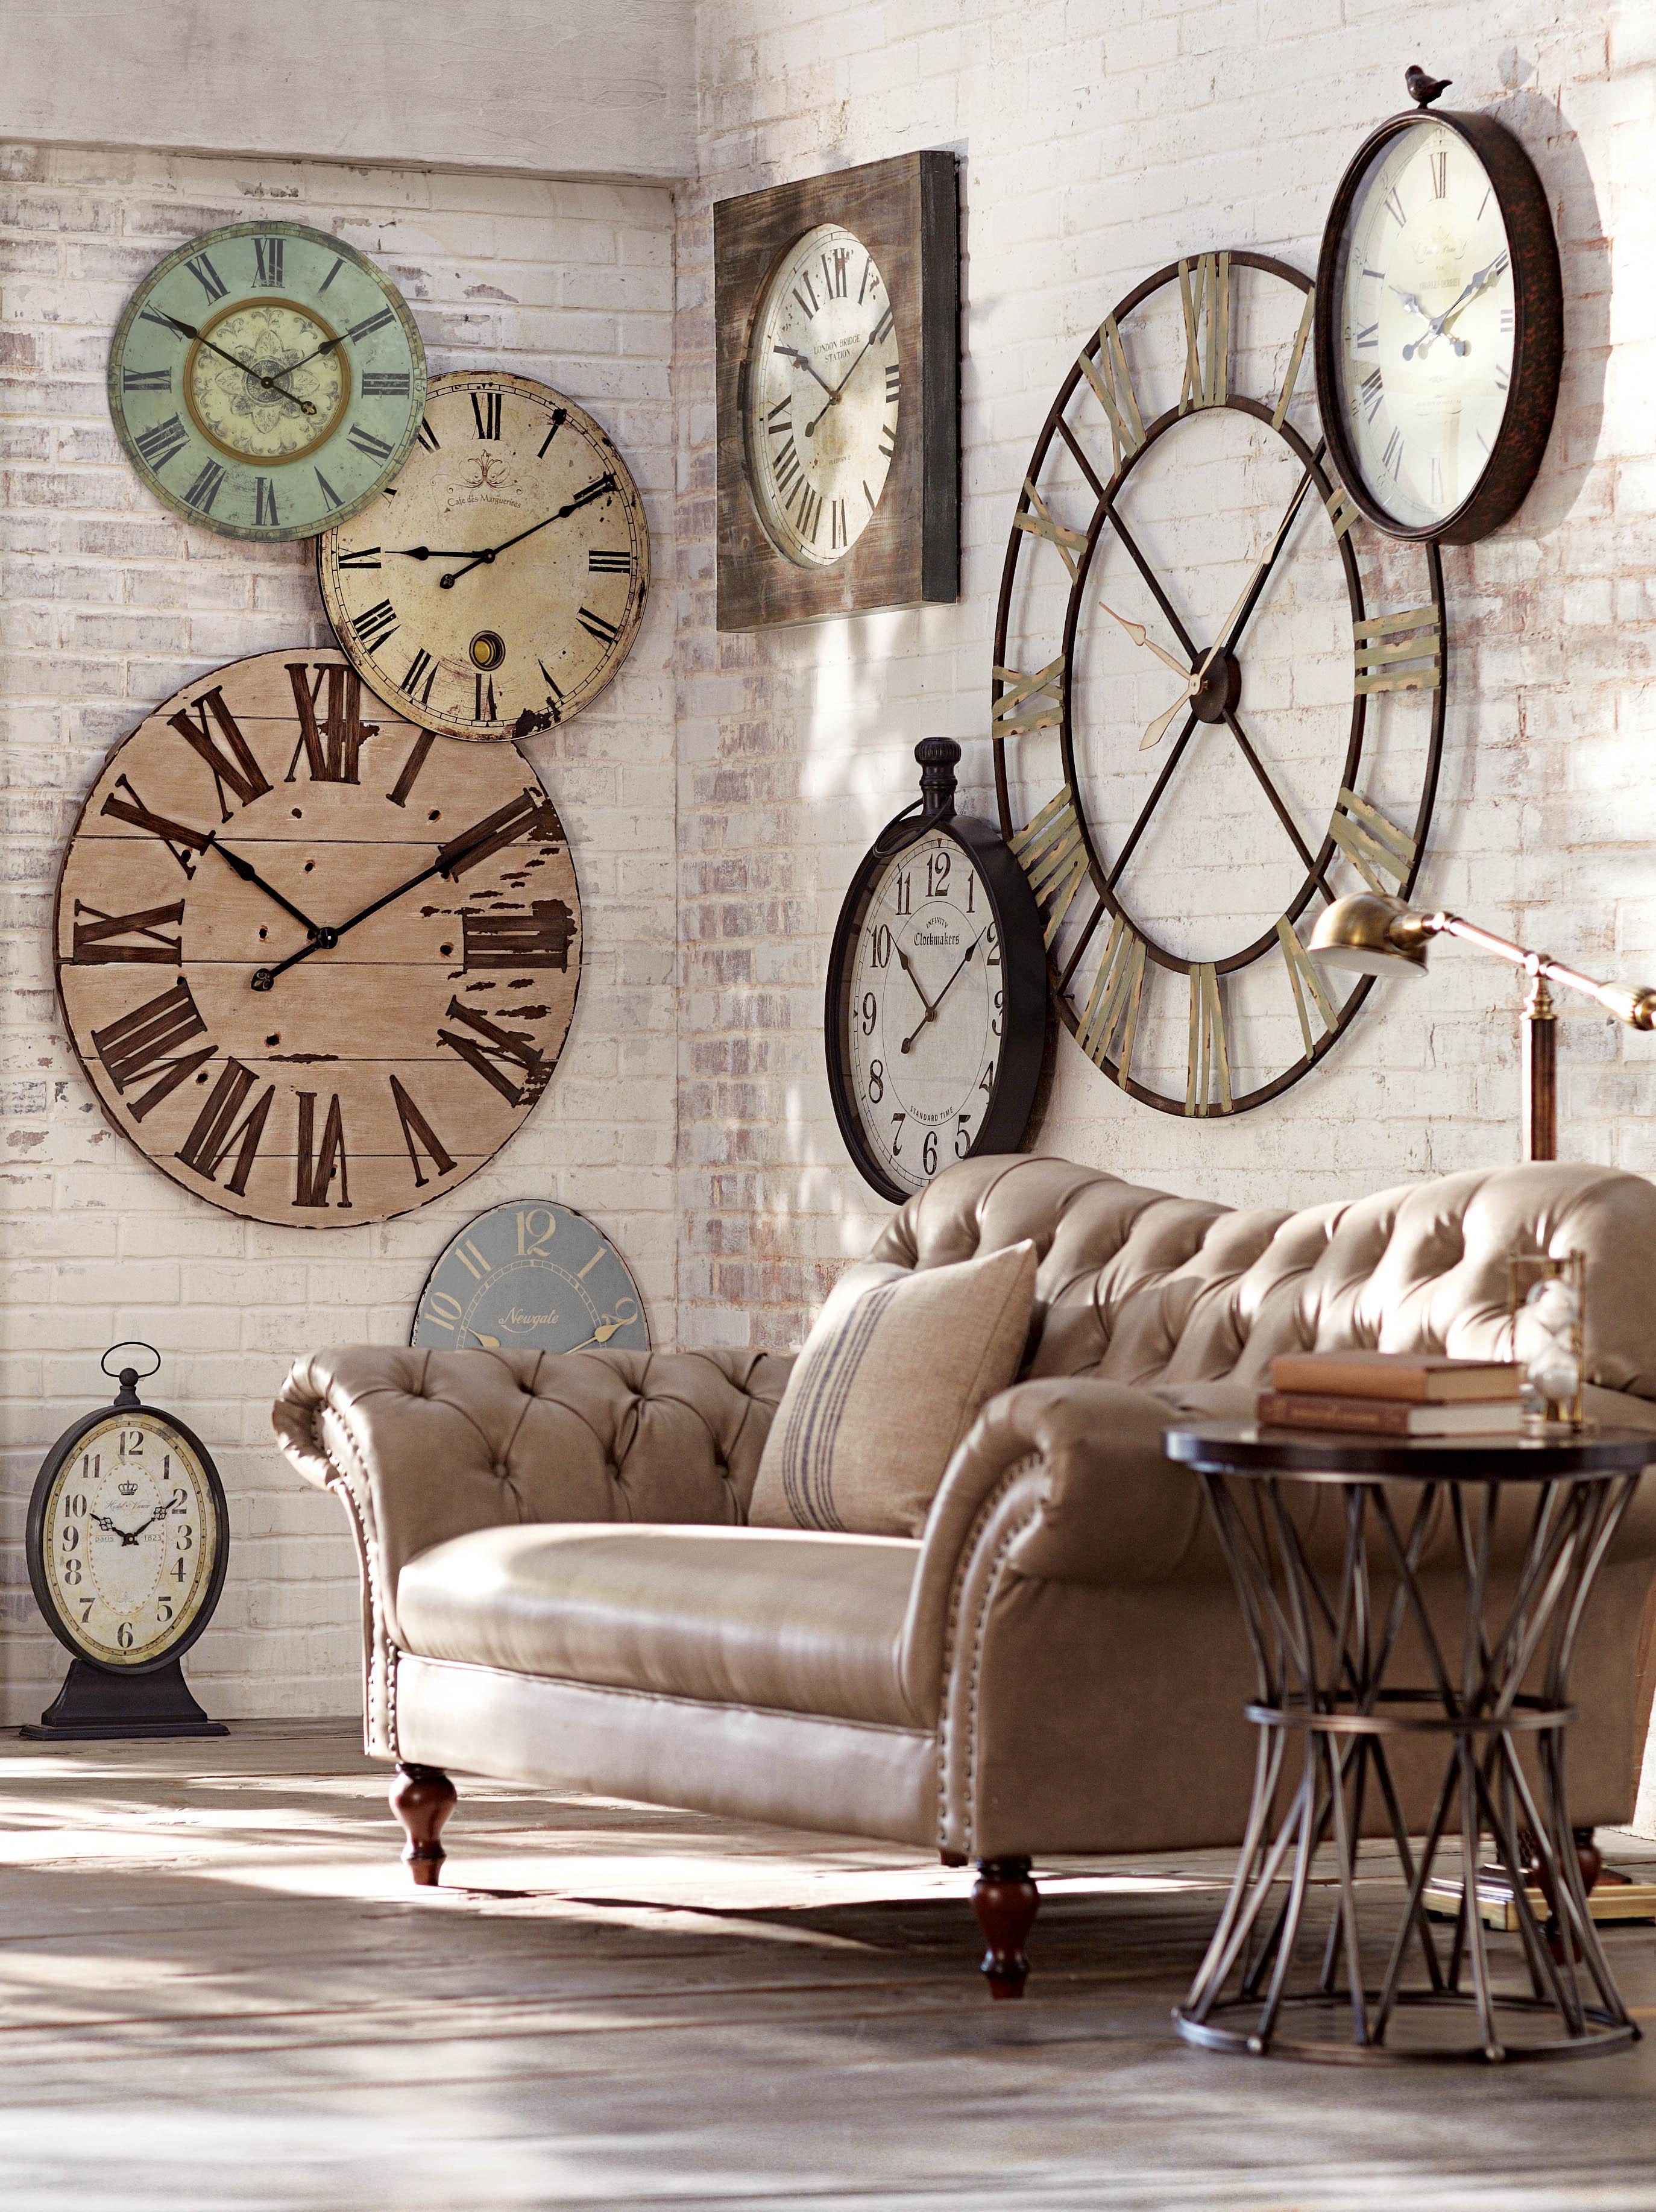 camera cu ceasuri